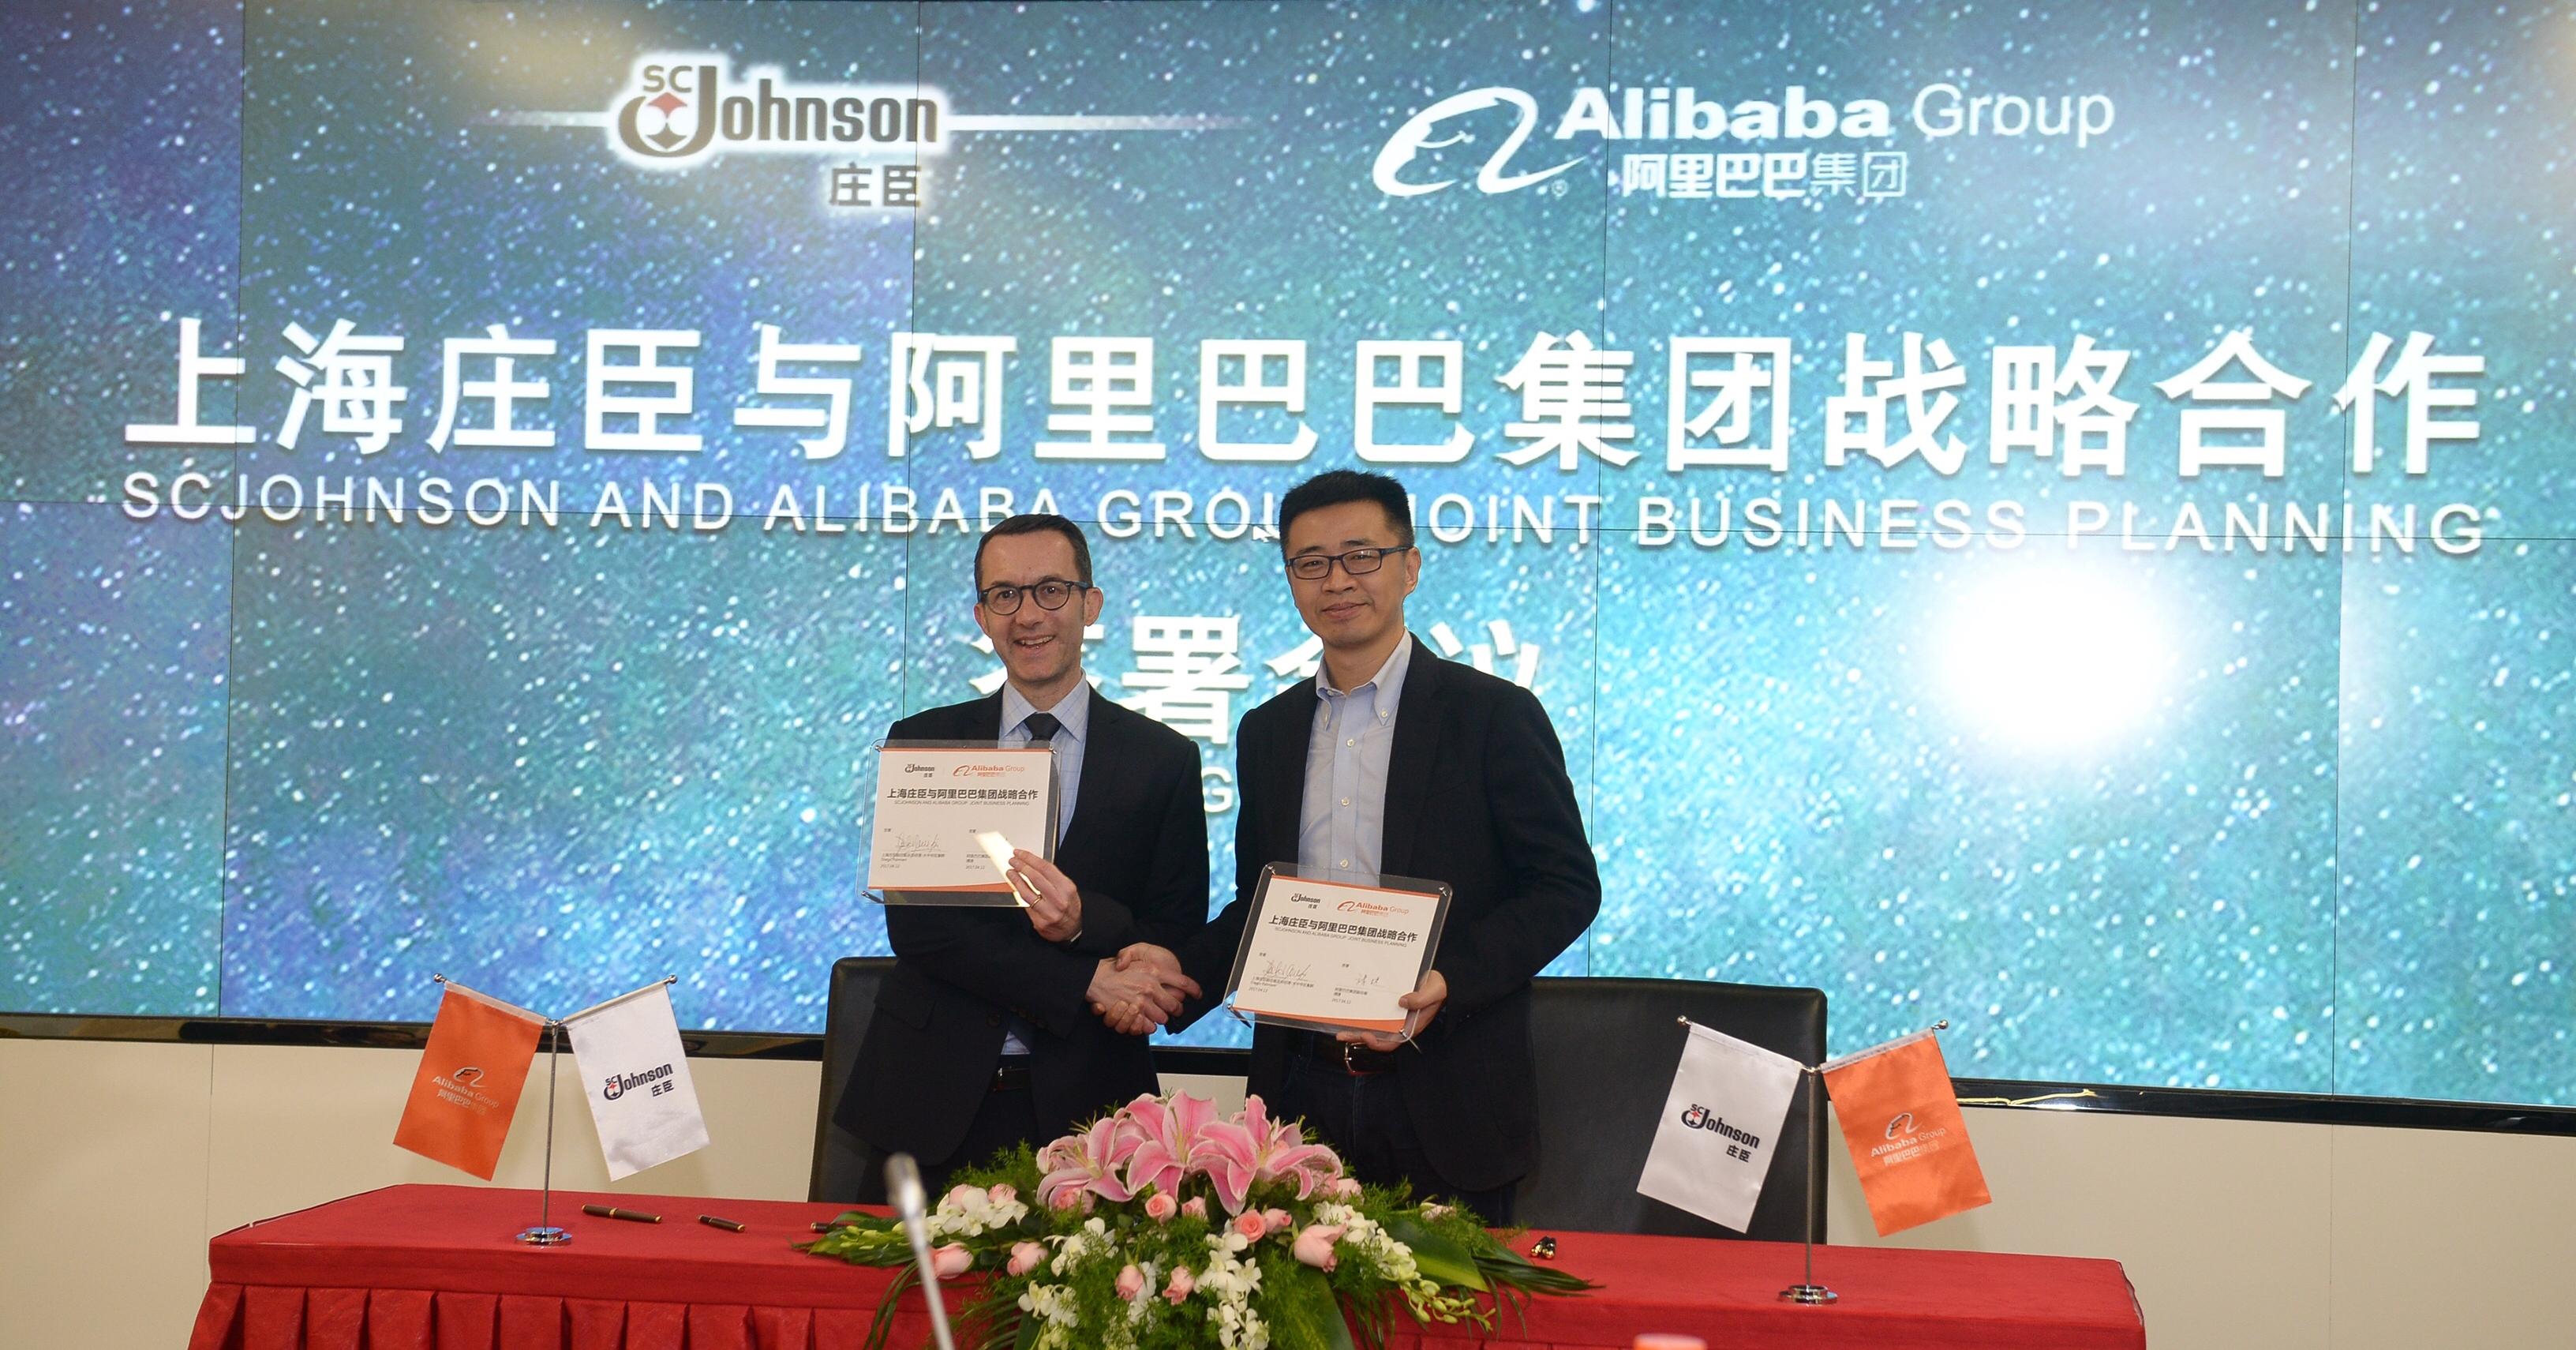 4月12日,家庭清洁行业巨头上海庄臣有限公司与阿里巴巴集团签署战略